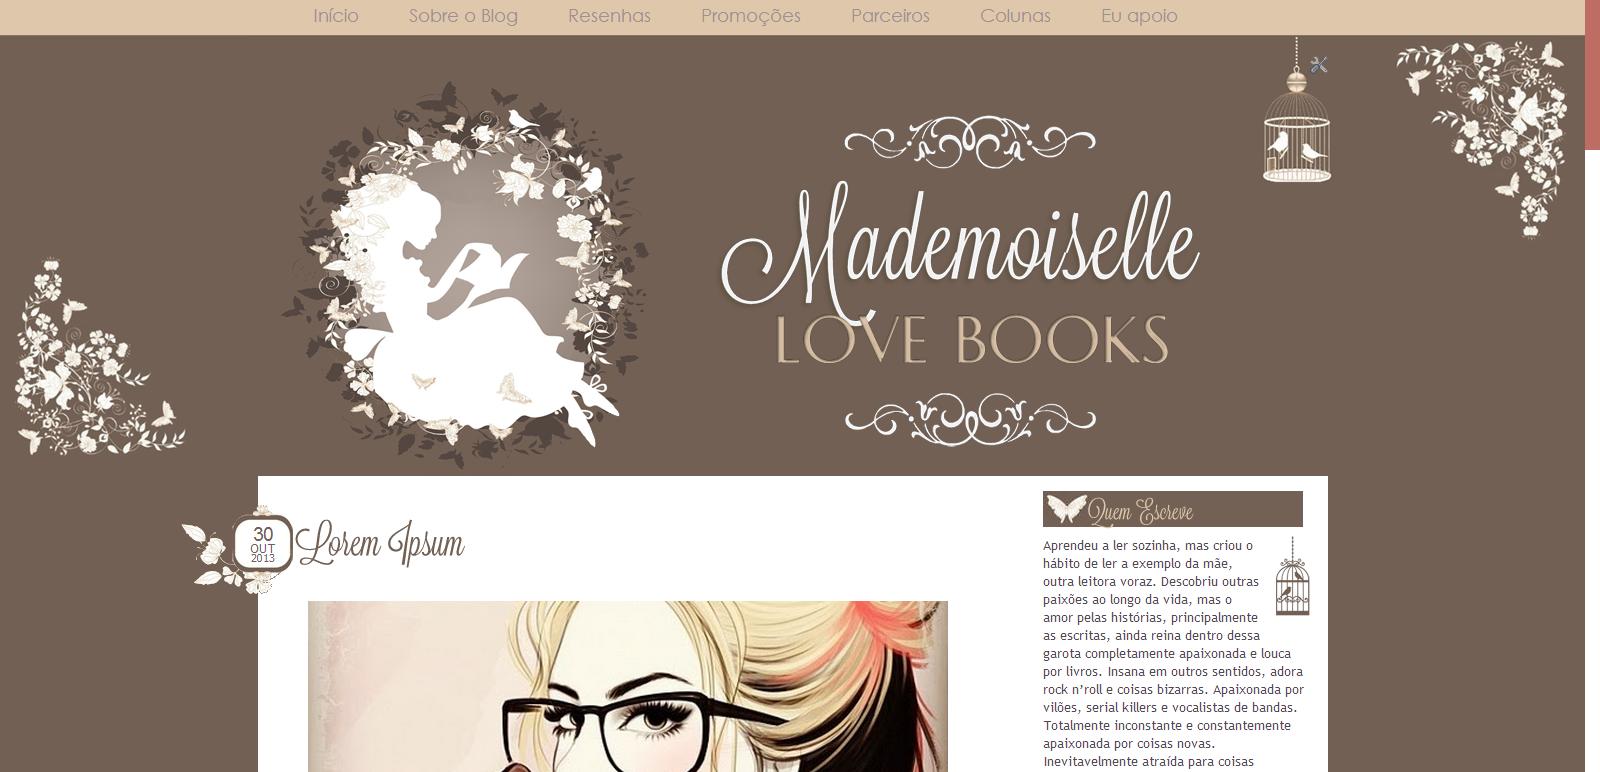 Mademoiselle Loves Books (antigo)